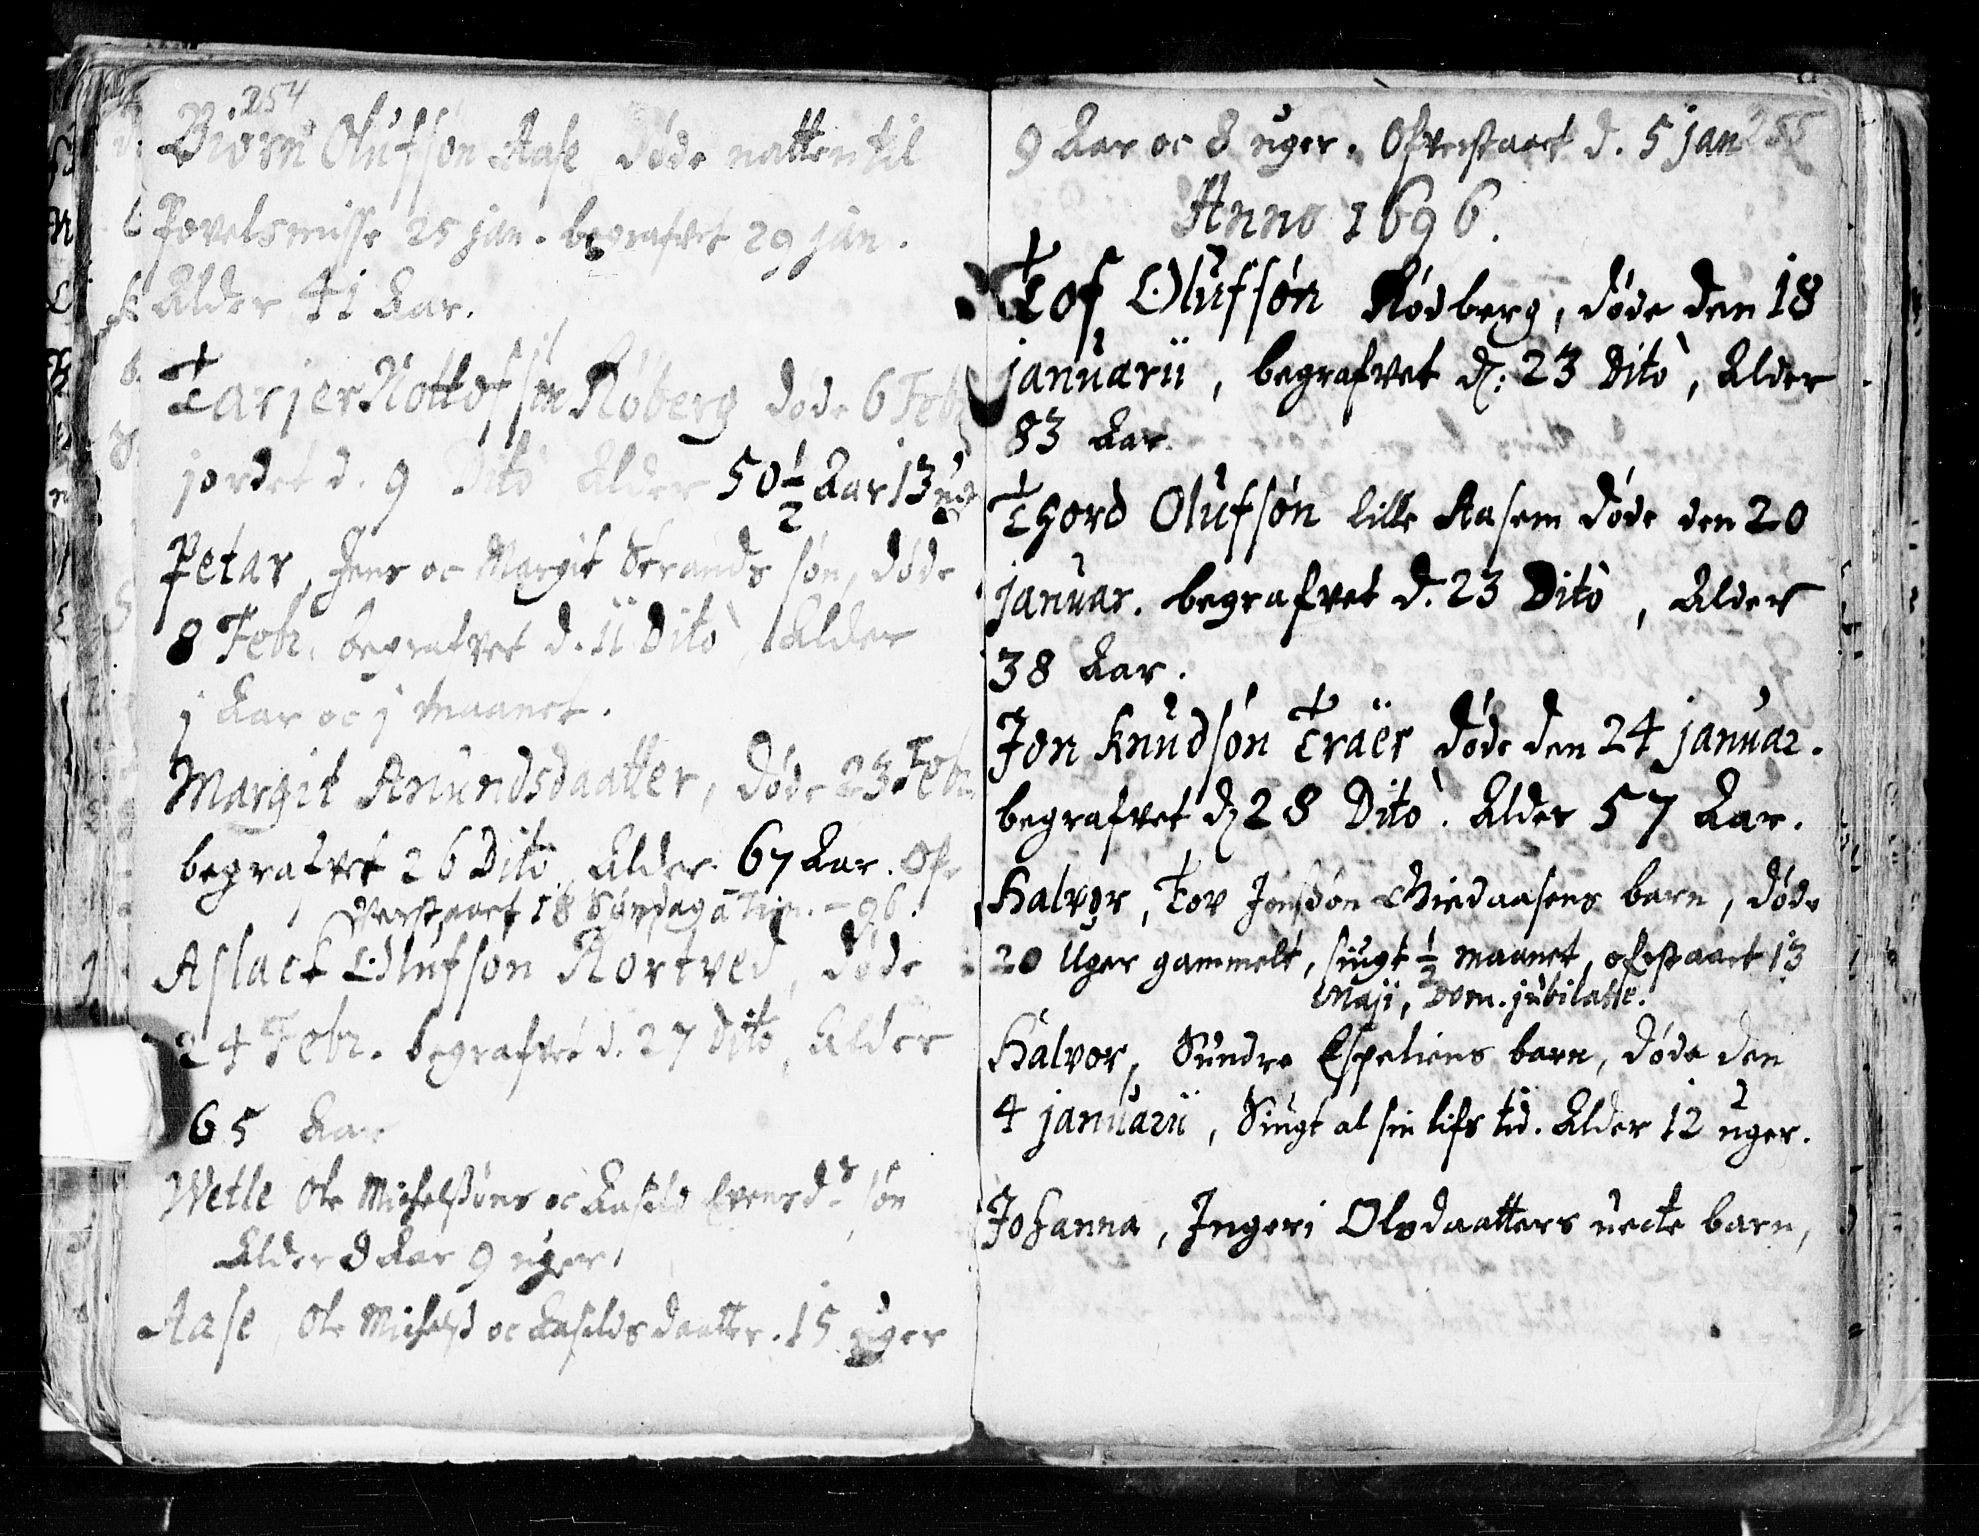 SAKO, Seljord kirkebøker, F/Fa/L0002: Ministerialbok nr. I 2, 1689-1713, s. 254-255